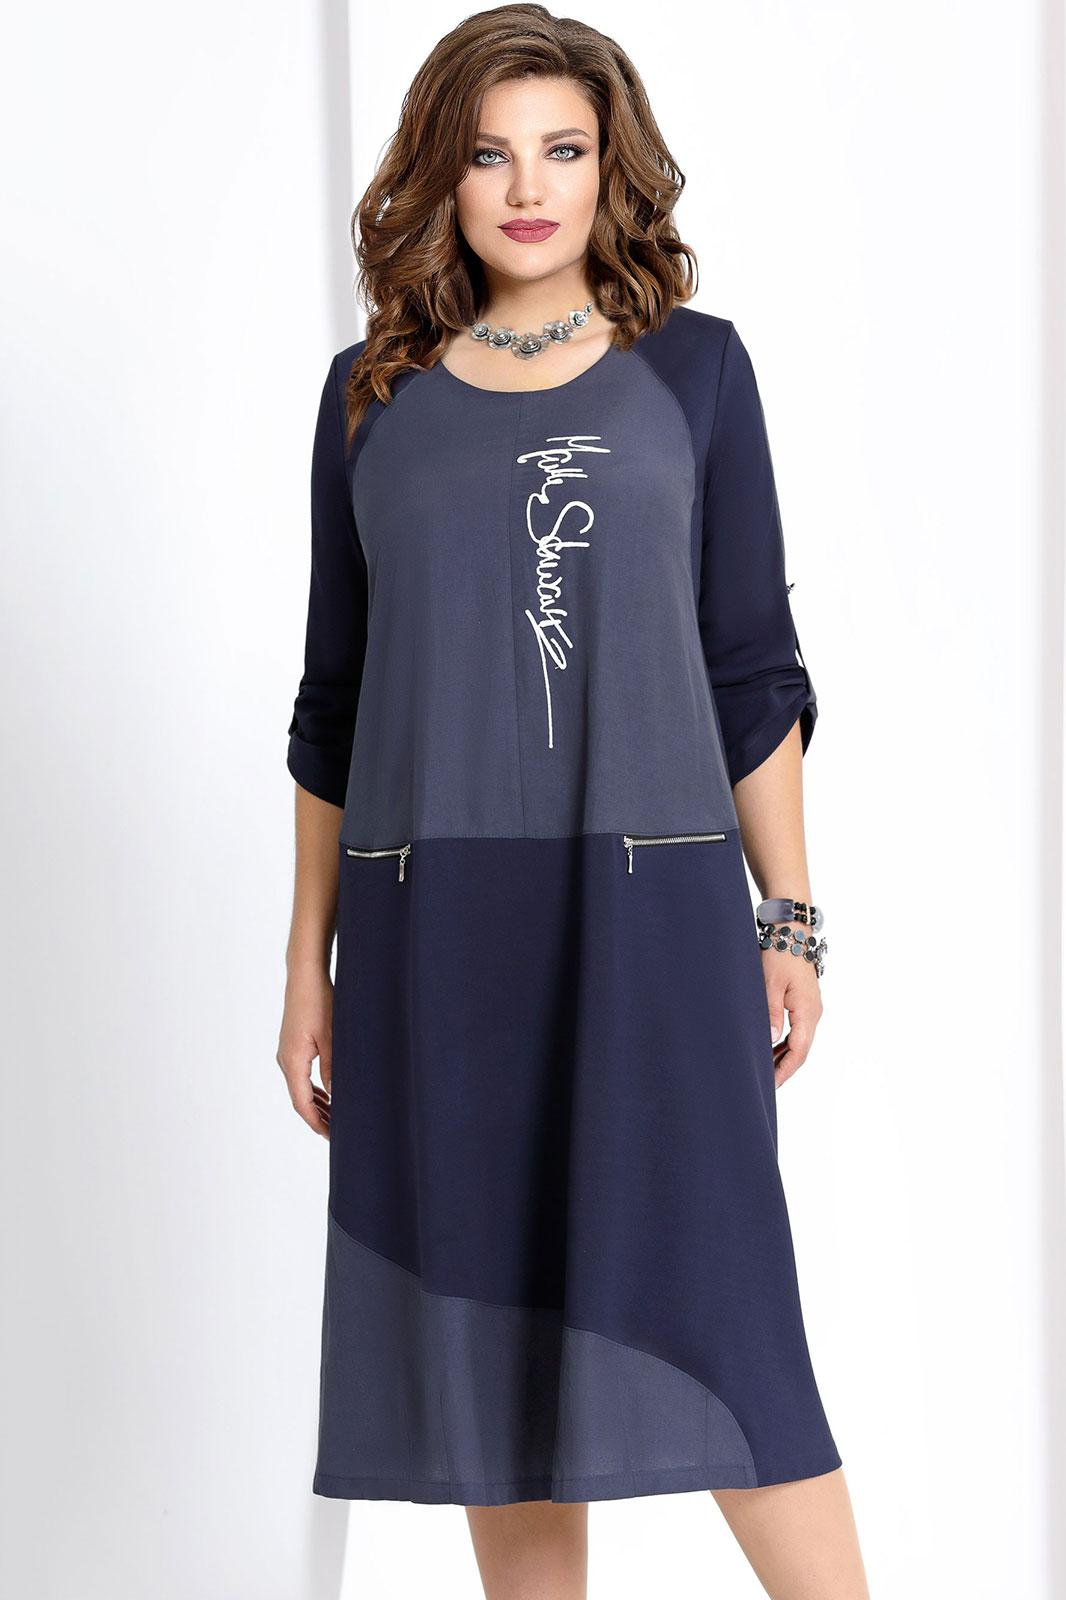 Купить Платье Vittoria Queen, 6593 тёмно-синий, Беларусь